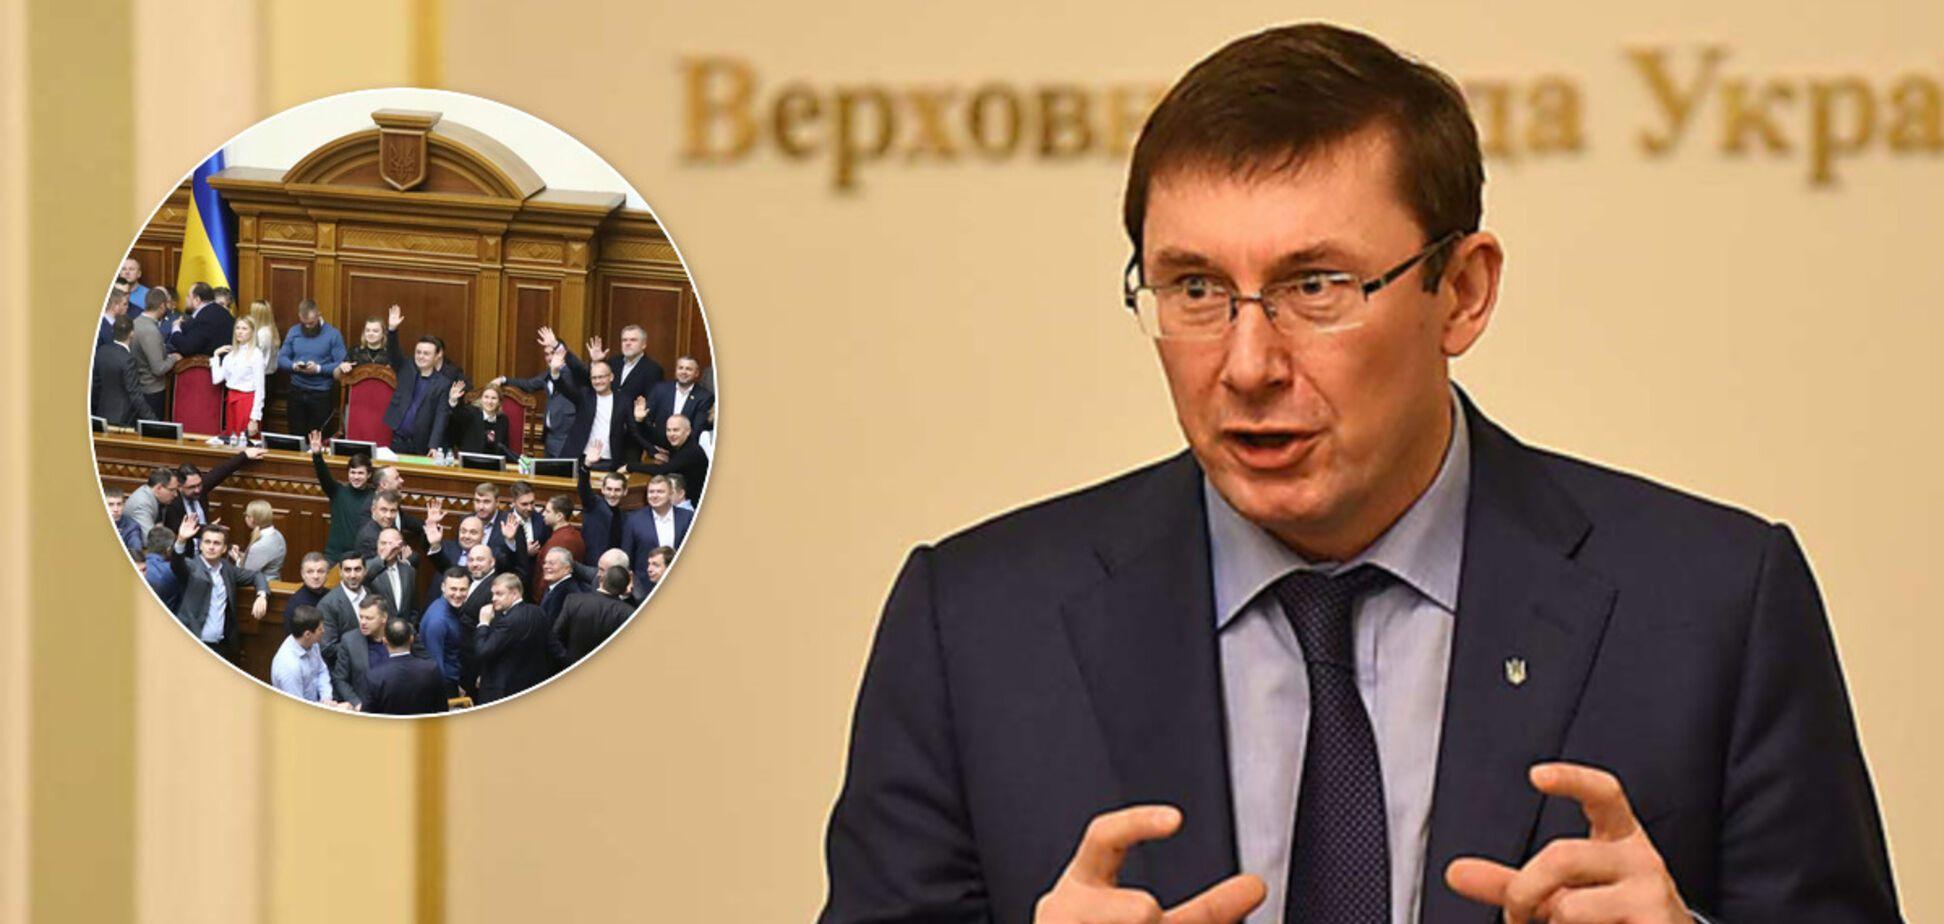 Об уголовных делах Порошенко, провале Рябошапки и делах Майдана: эксклюзивное интервью с Луценко